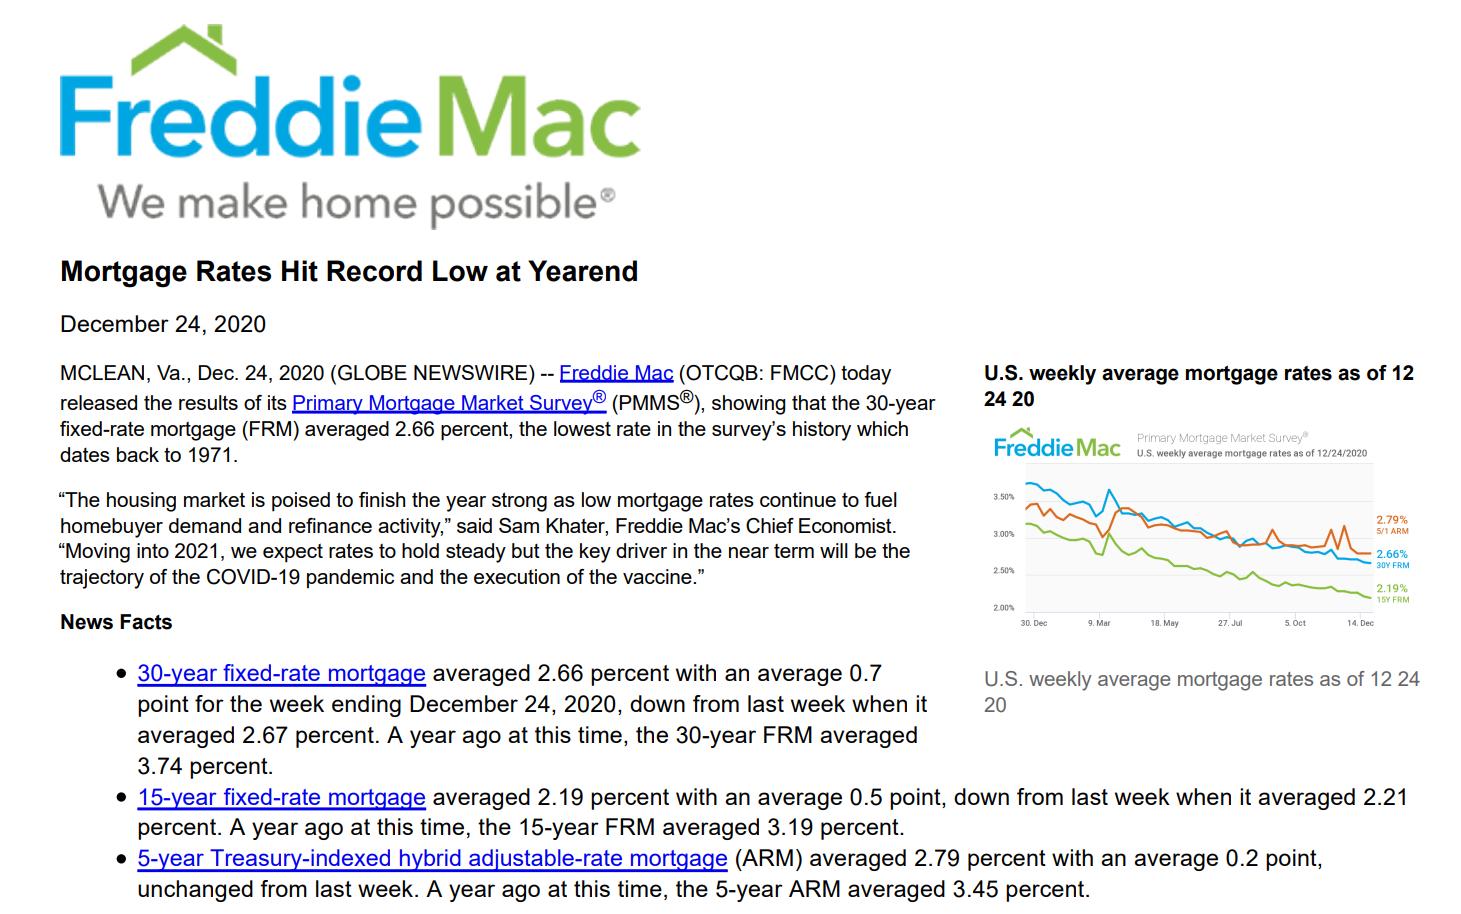 美国三十年固定房贷利率再度刷新历史新低 但疫情肆虐下楼市成交量已现疲态